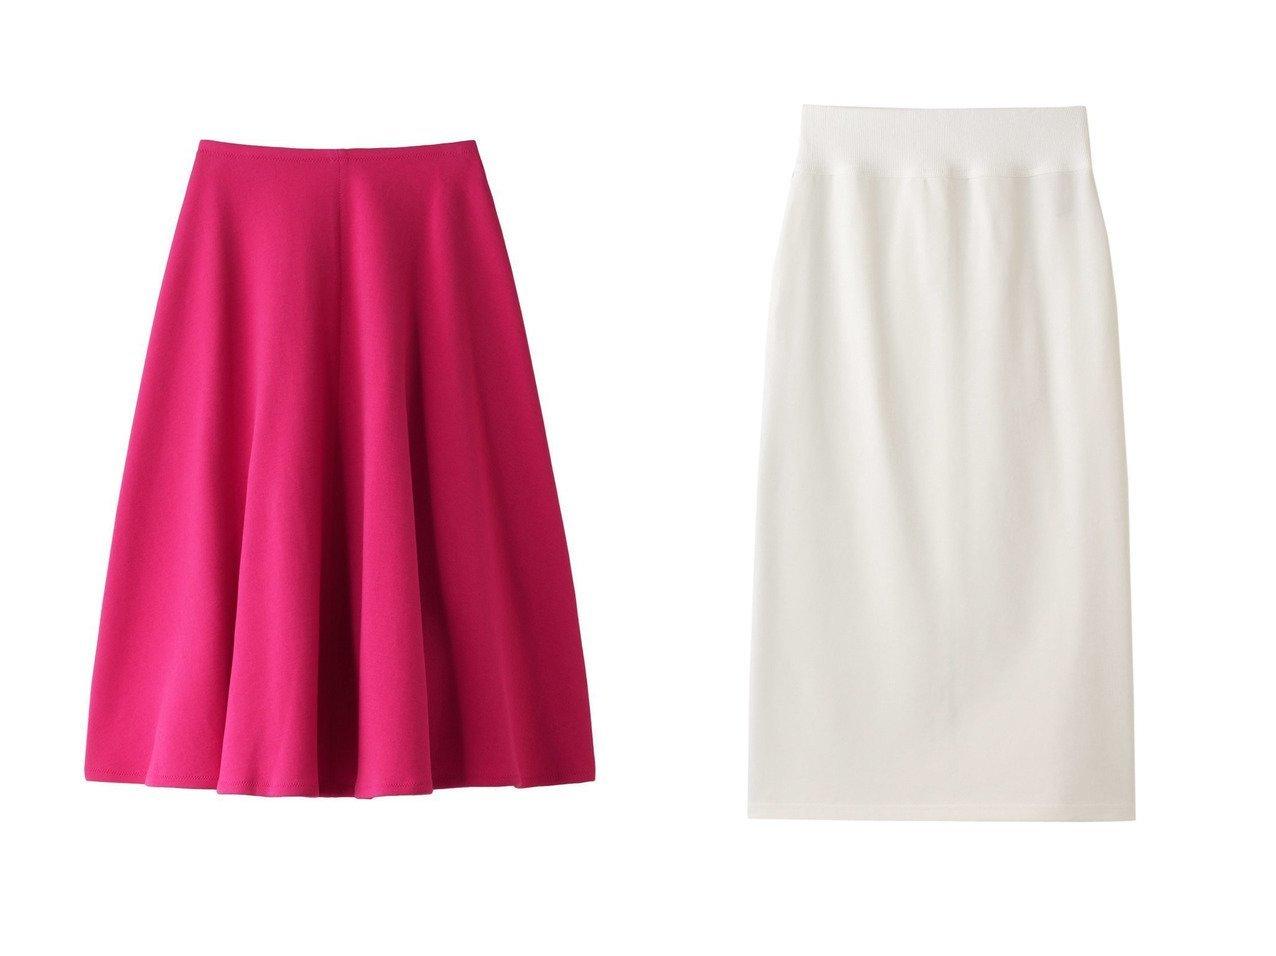 【PLAIN PEOPLE/プレインピープル】のボンディングジャージフレアスカート&コットン裏毛スカート スカートのおすすめ!人気、トレンド・レディースファッションの通販  おすすめで人気の流行・トレンド、ファッションの通販商品 メンズファッション・キッズファッション・インテリア・家具・レディースファッション・服の通販 founy(ファニー) https://founy.com/ ファッション Fashion レディースファッション WOMEN スカート Skirt Aライン/フレアスカート Flared A-Line Skirts ロングスカート Long Skirt ジャージ フレア ボンディング ロング スリム ベーシック 今季 定番 |ID:crp329100000009773